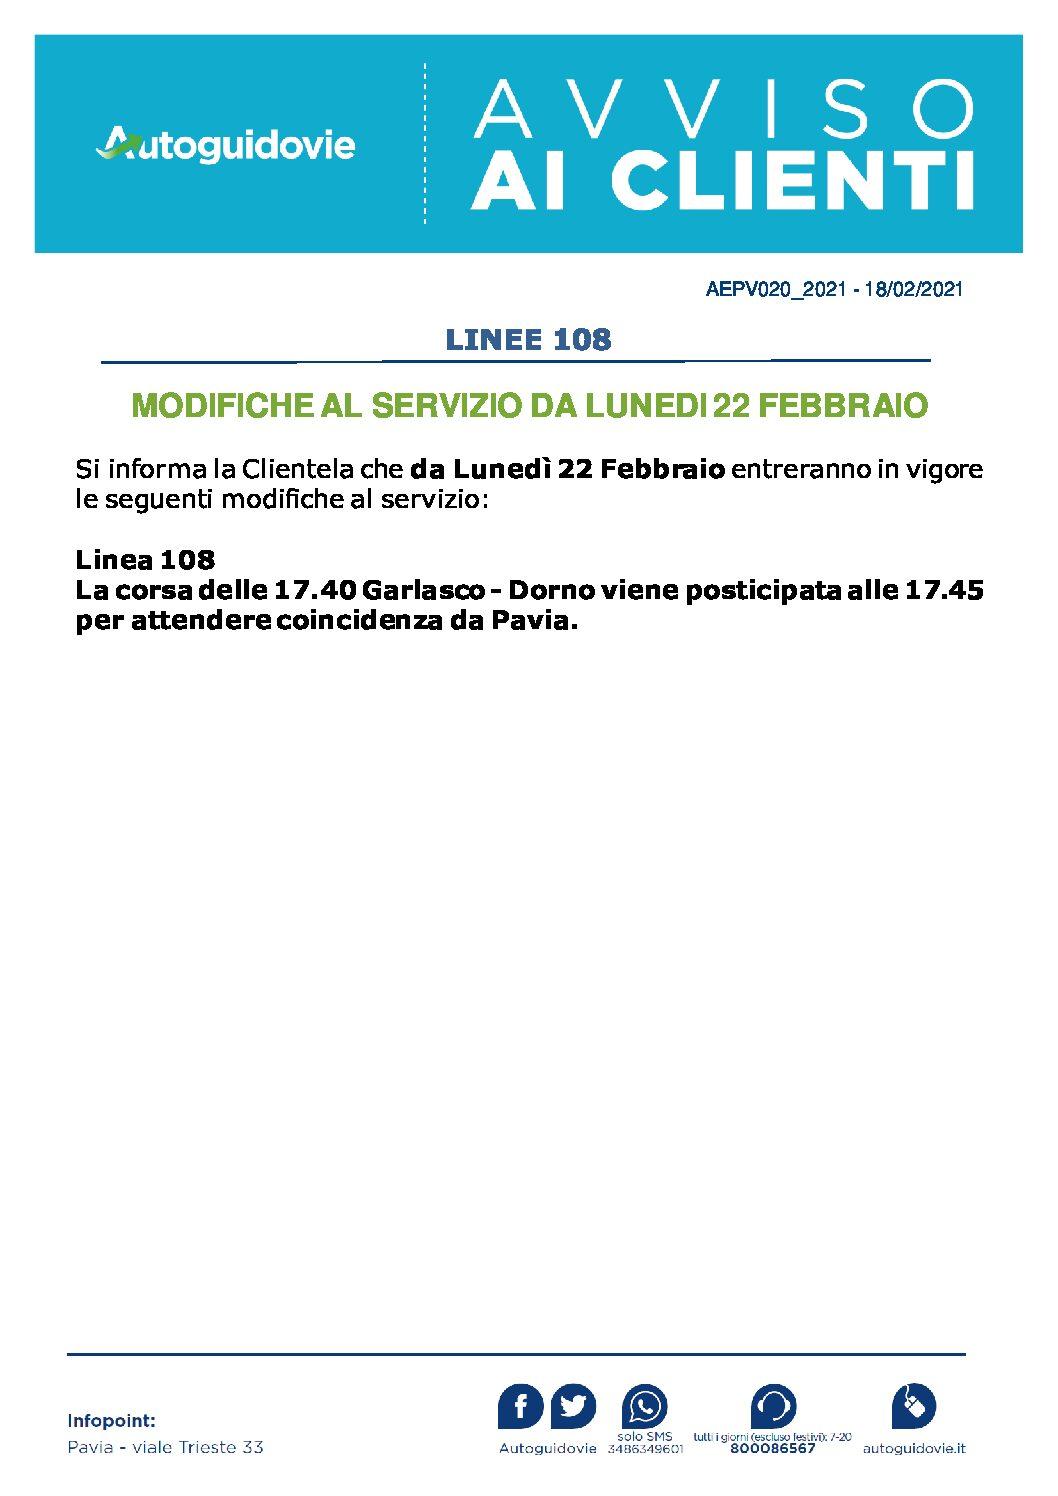 AUTOGUIDOVIE: MODIFICHE AL SERVIZIO DA LUNEDI 22 FEBBRAIO